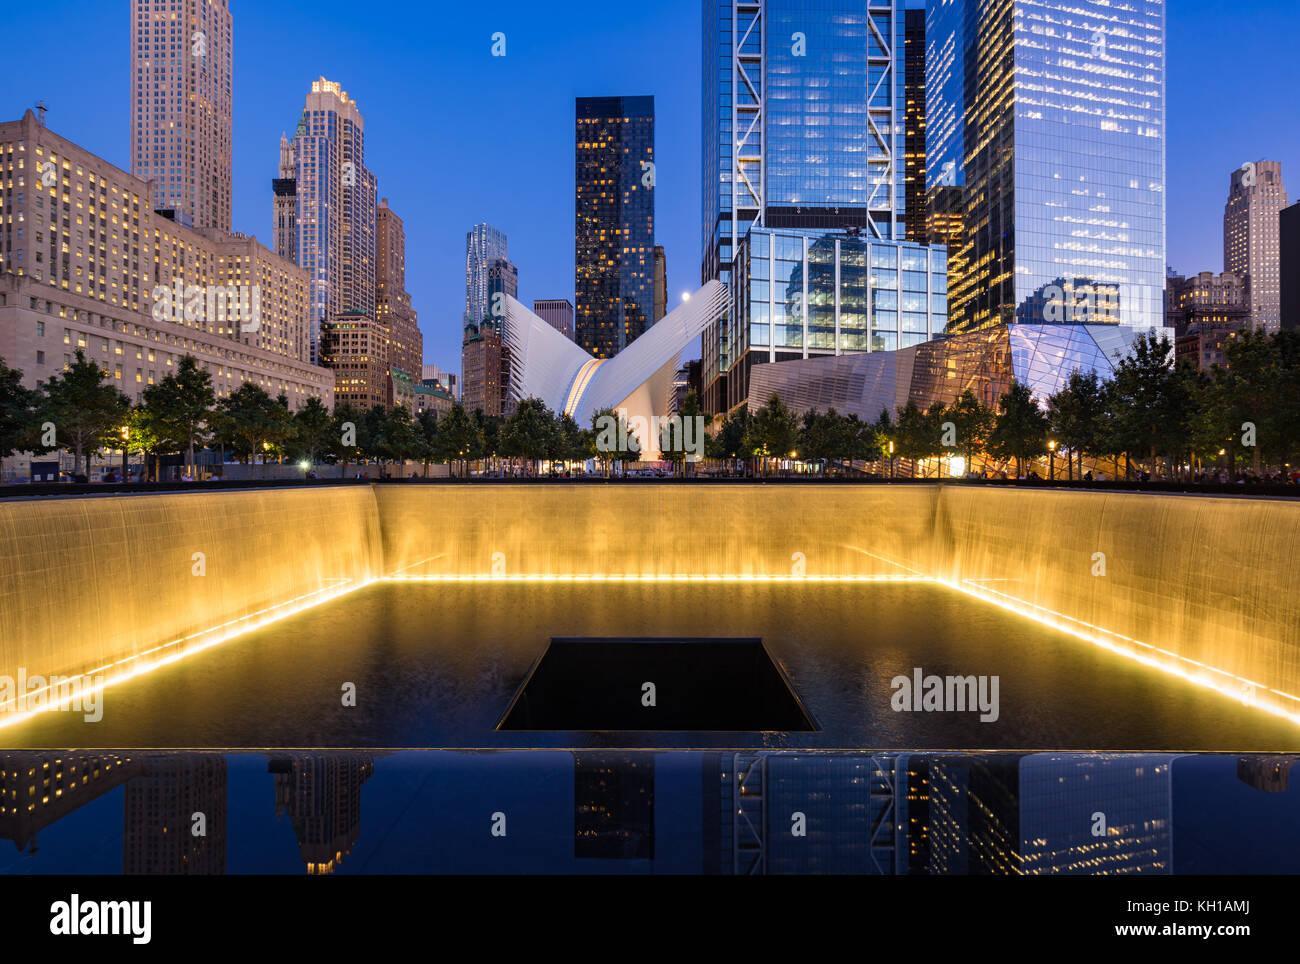 Im Norden einen reflektierenden Pool bei Dämmerung mit Blick auf das World Trade Center Tower 3 und 4 und die Oculus Stockfoto